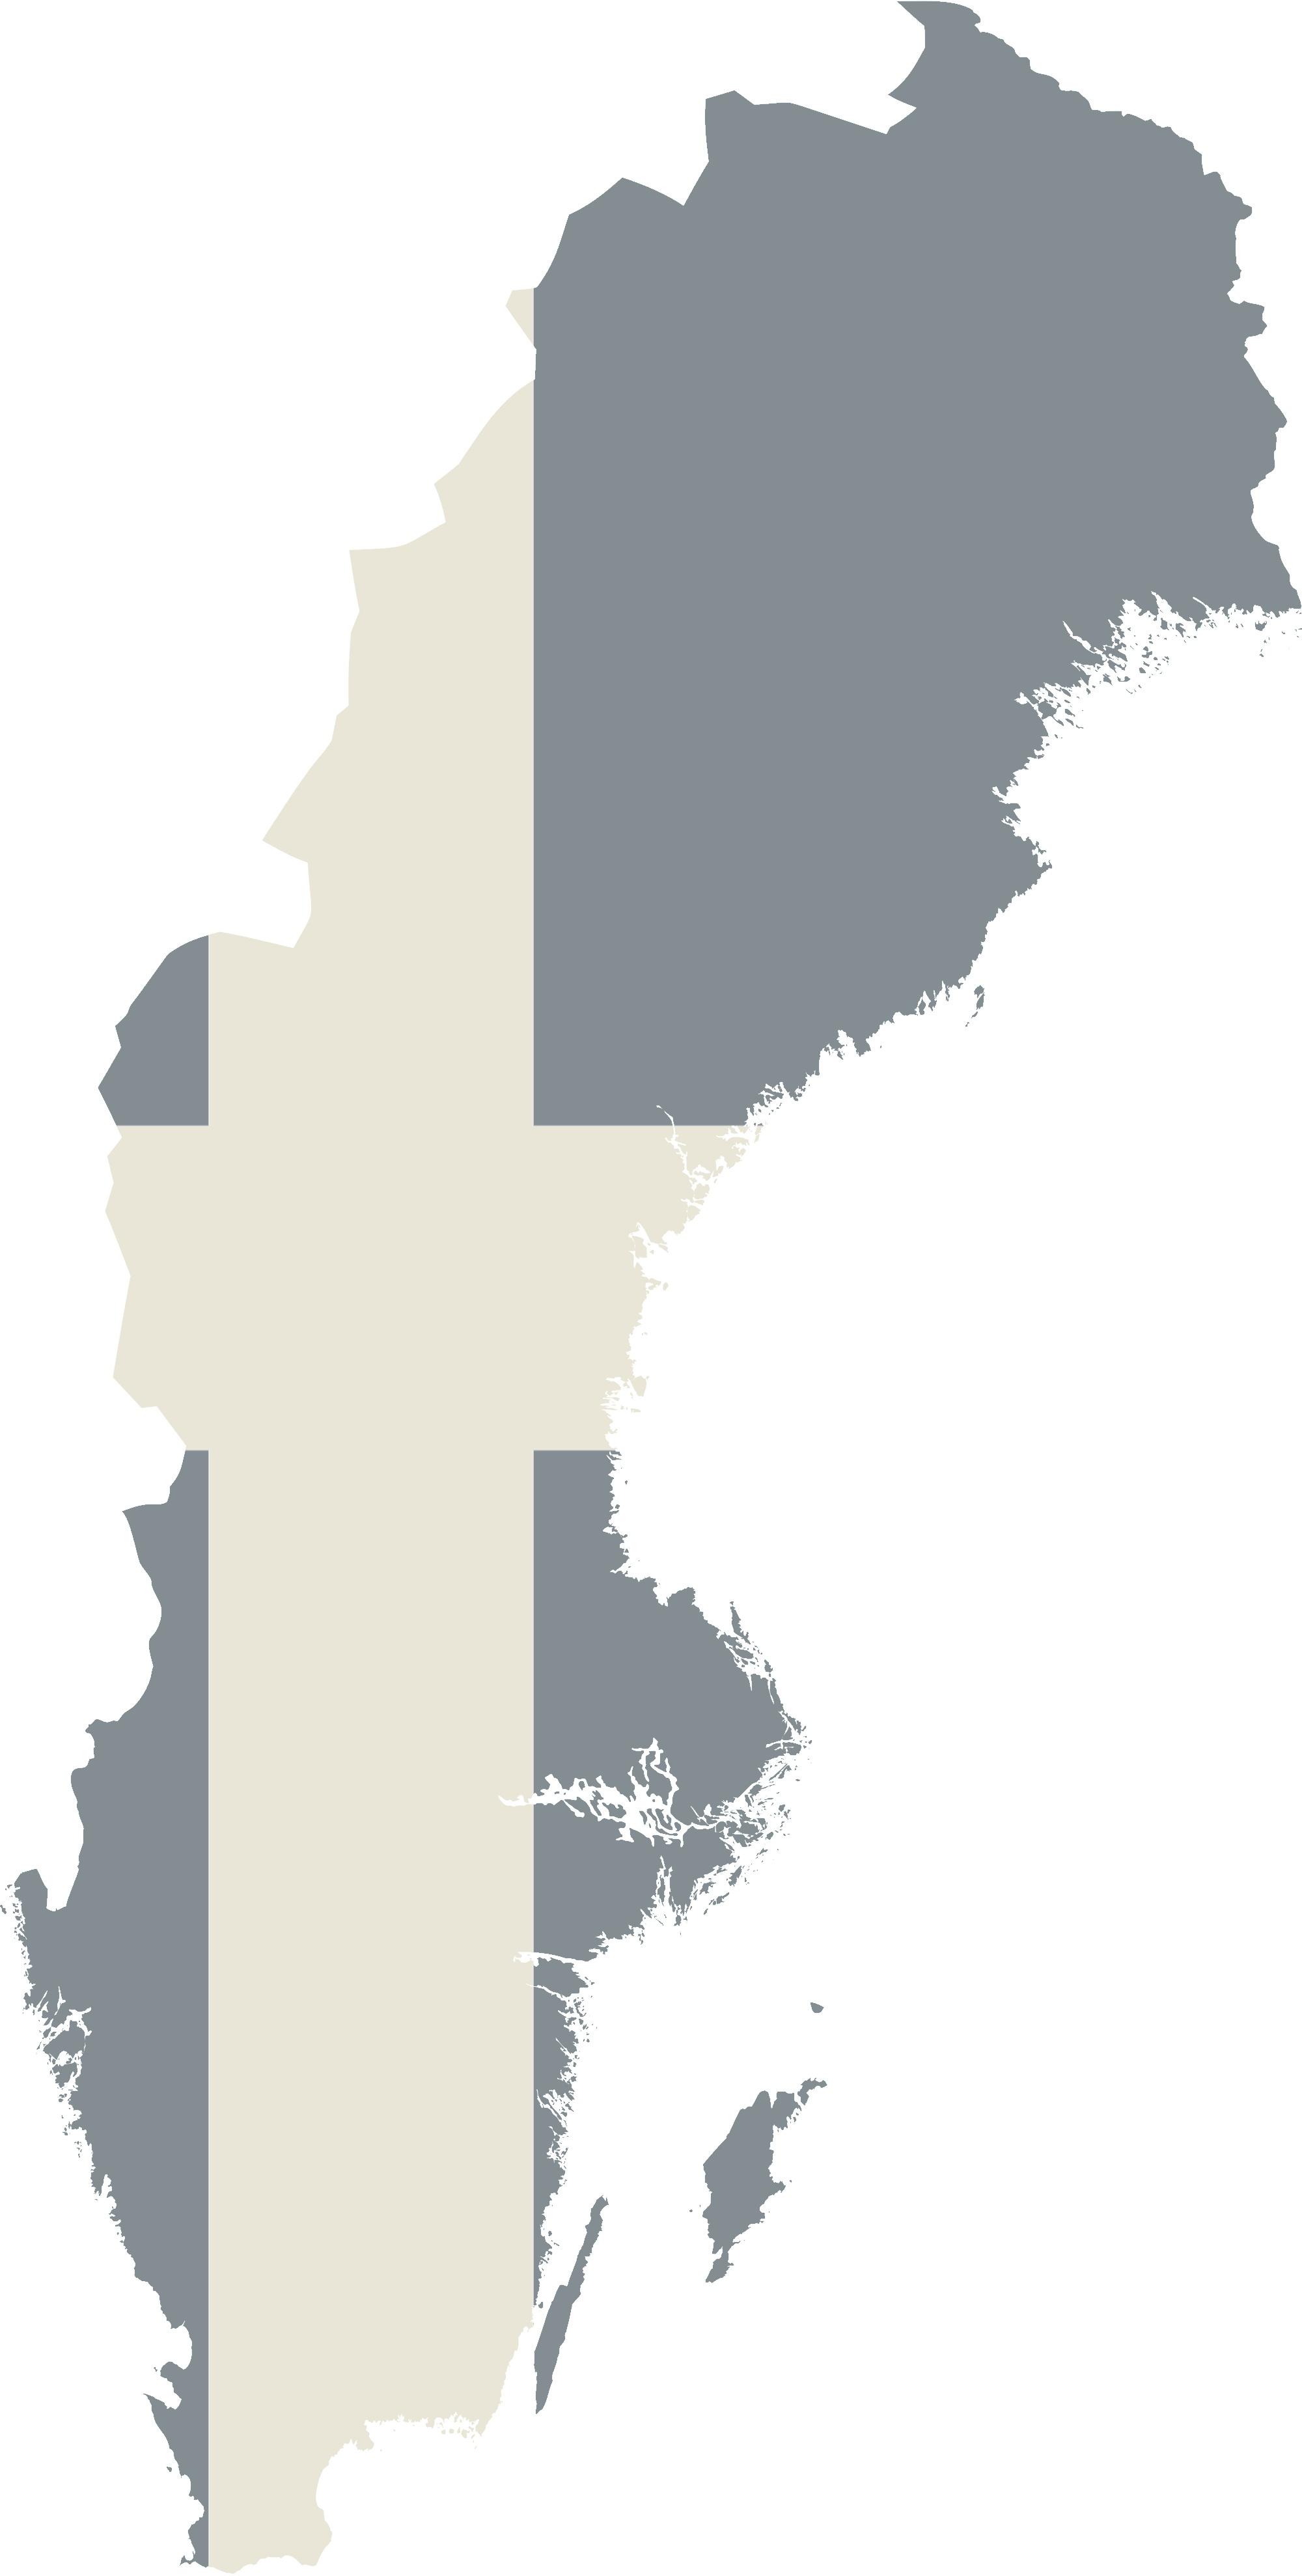 Våra läsare finns över hela Sverige och delar av Skandinavien. Våra största geografiska områden är i Stockholm, Skåne och Västra Götaland. -